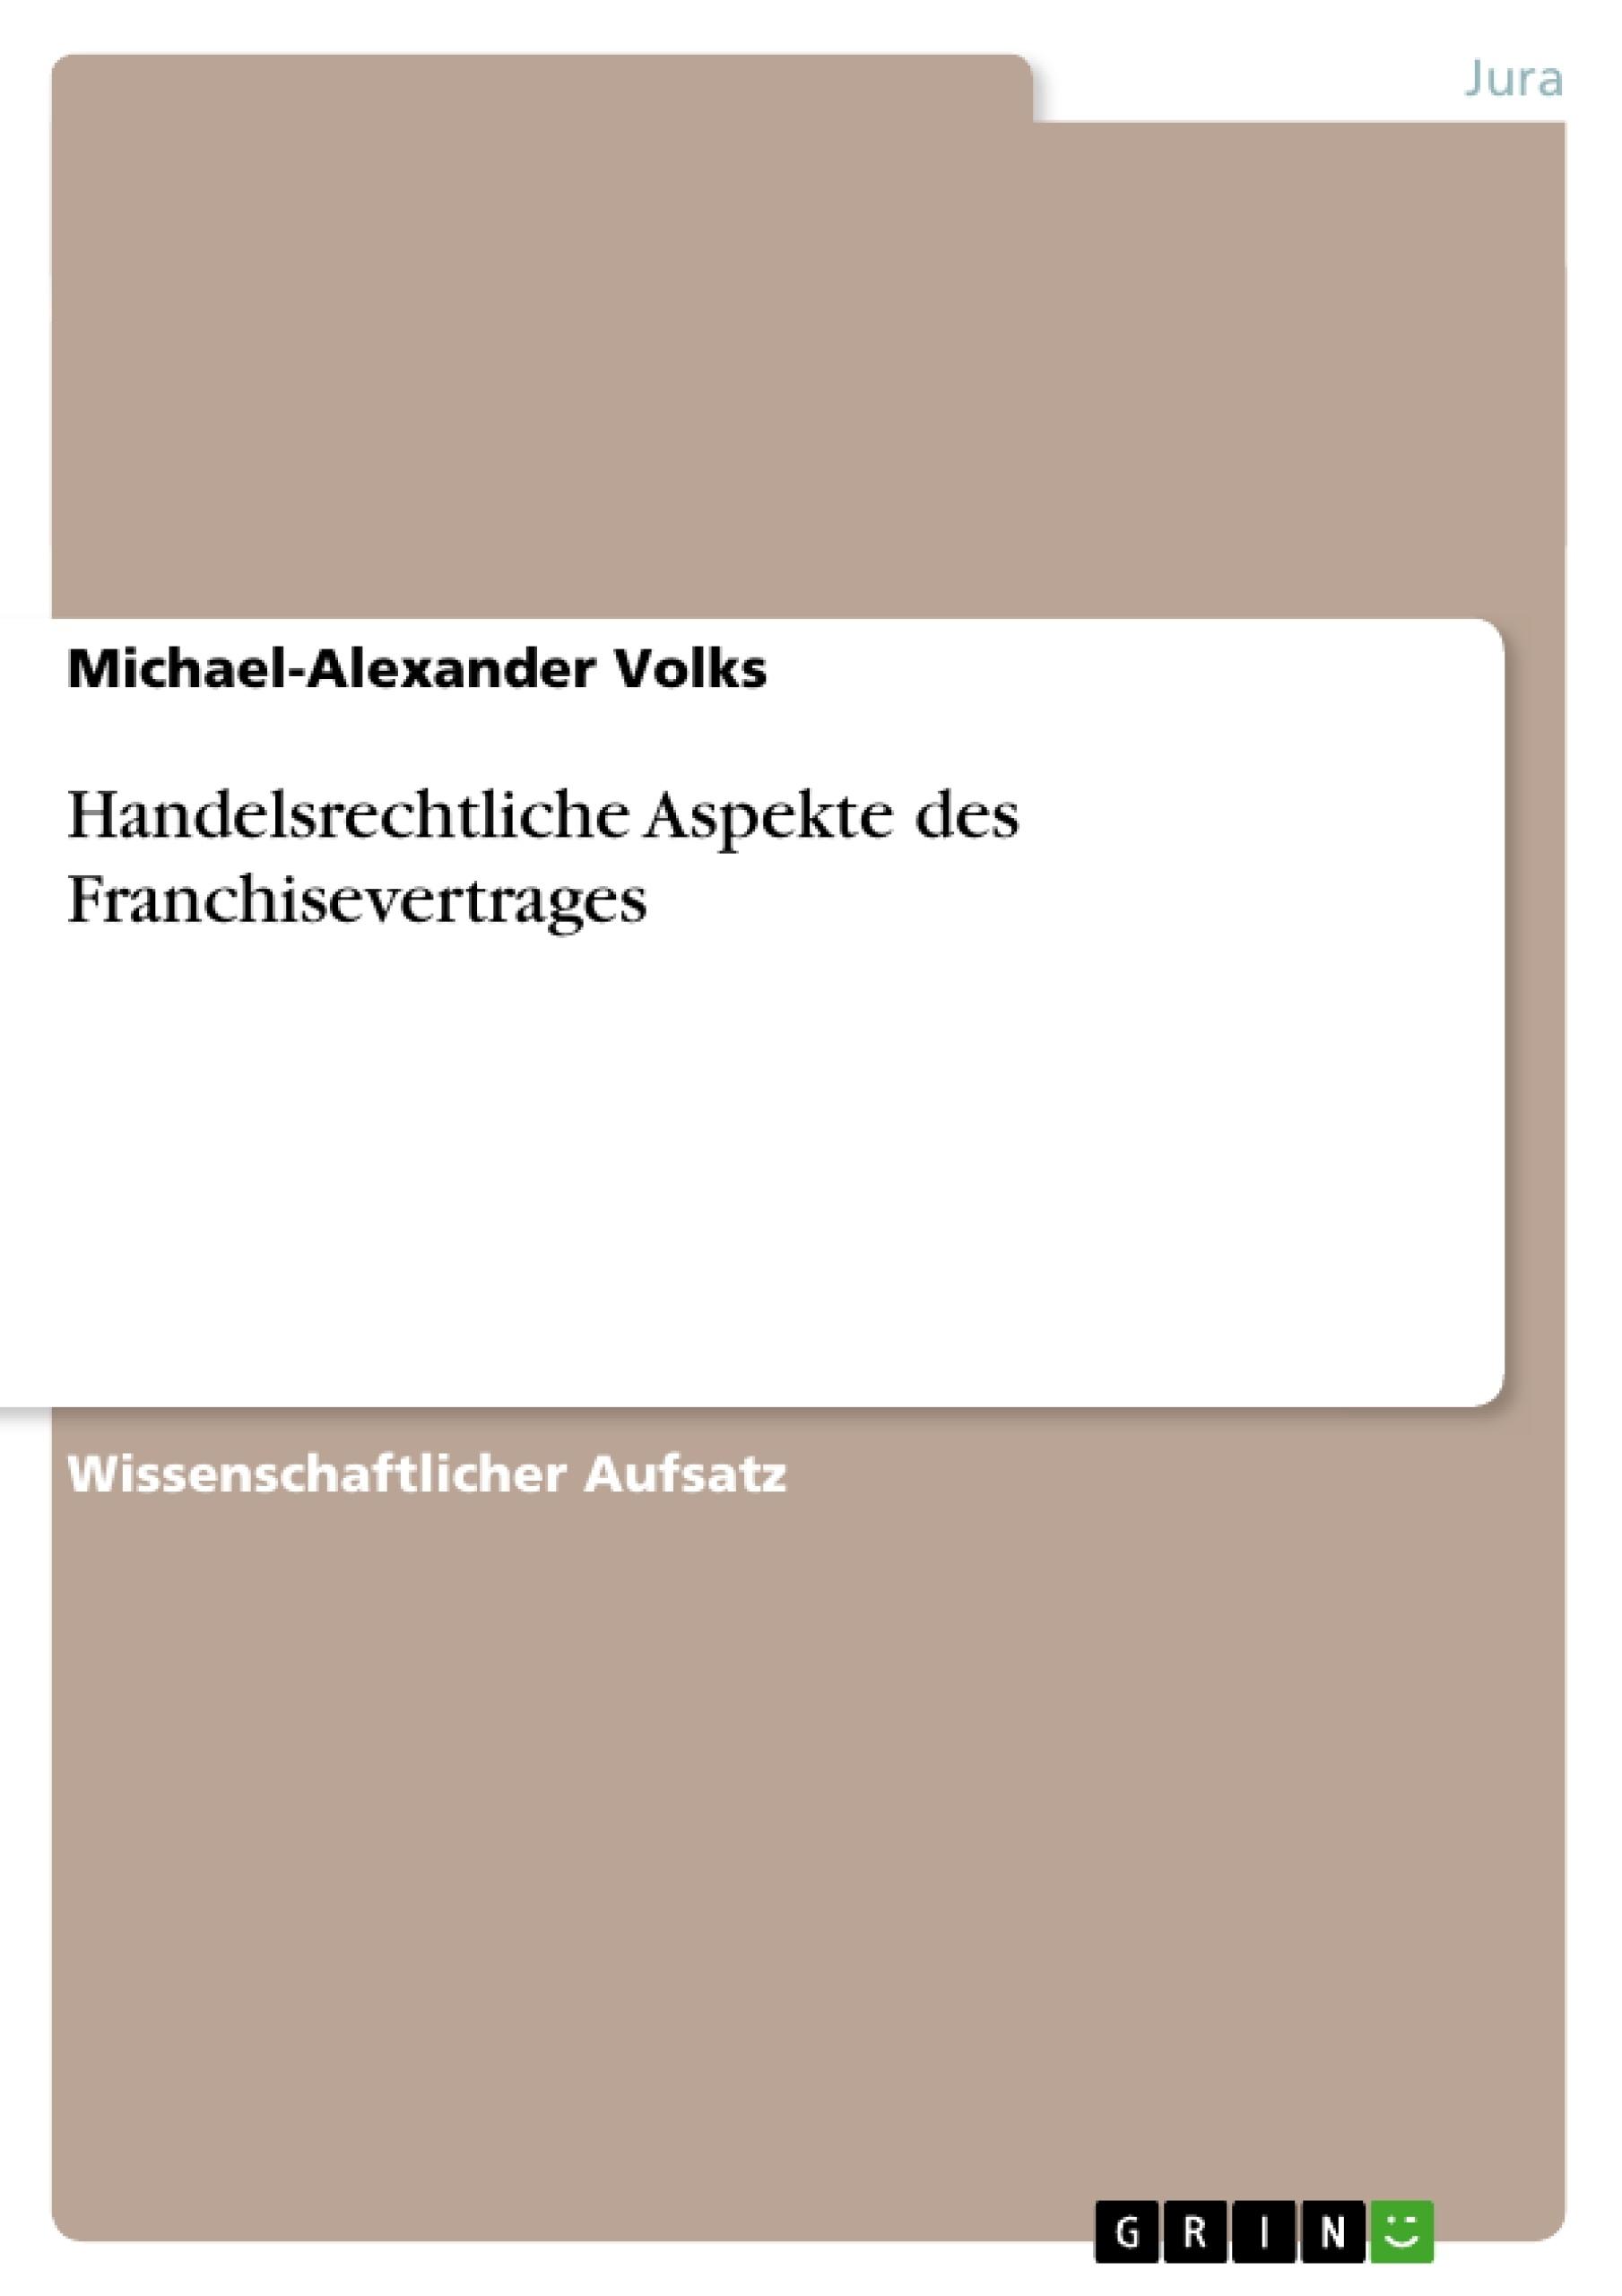 Titel: Handelsrechtliche Aspekte des Franchisevertrages